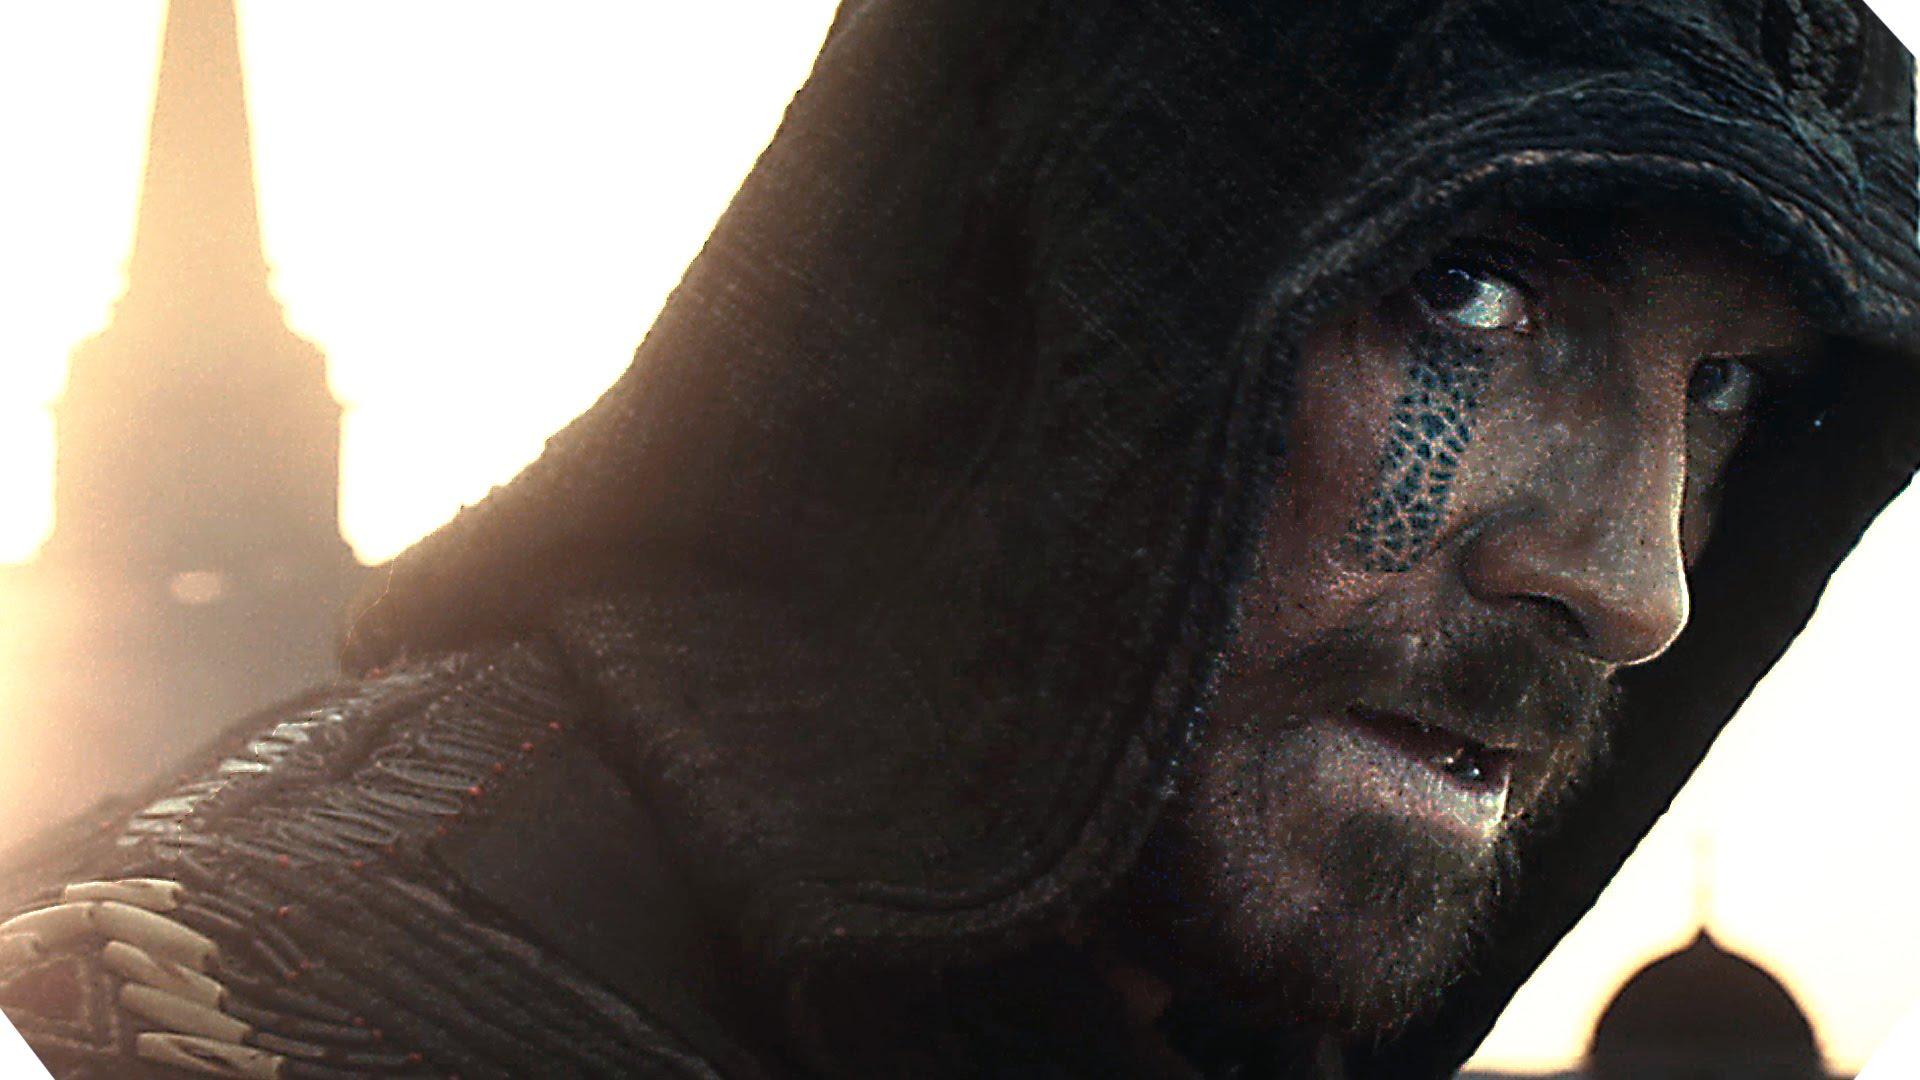 Drugi zwiastun filmu Assassin's Creed też nie przekonał mnie do wizyty w kinie